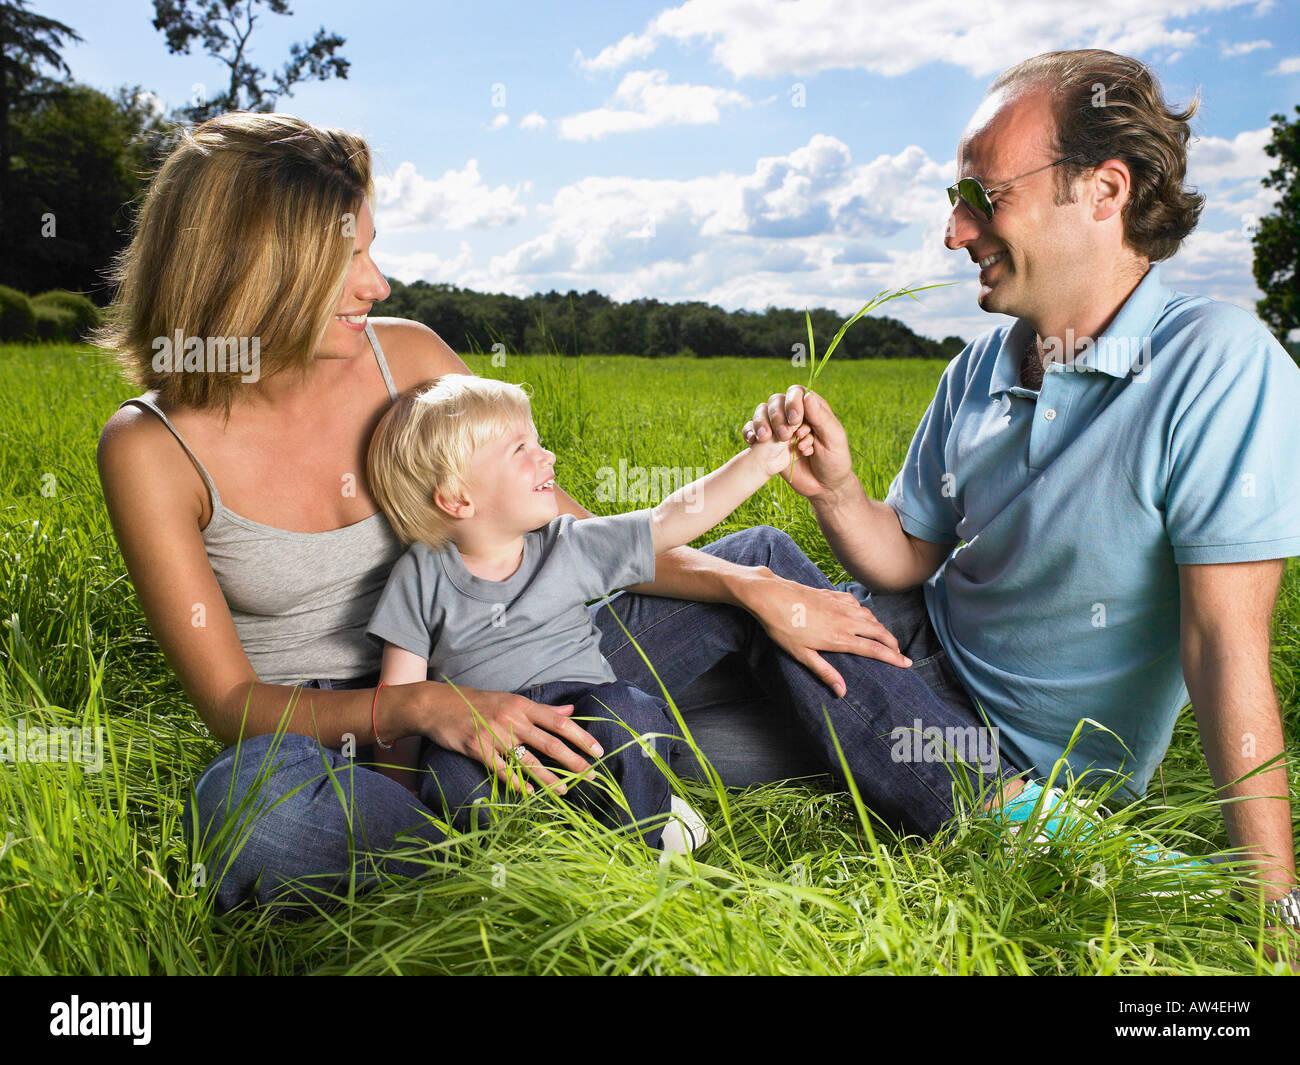 Familie eine gute Zeit in einem Feld zu genießen. Stockbild